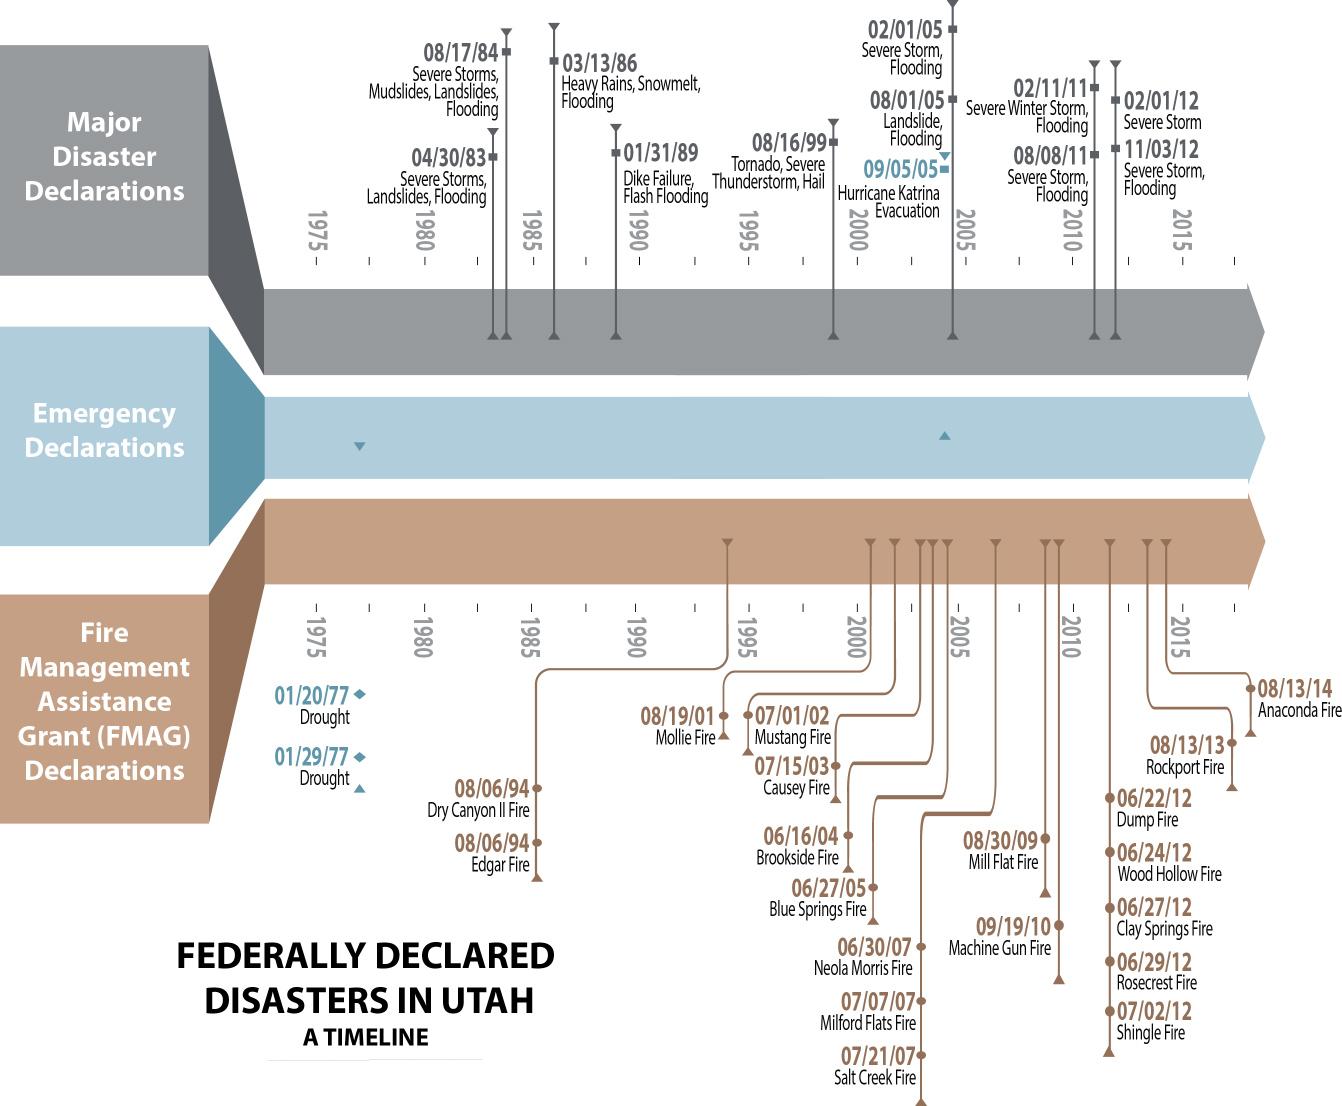 Utah Disaster Timeline